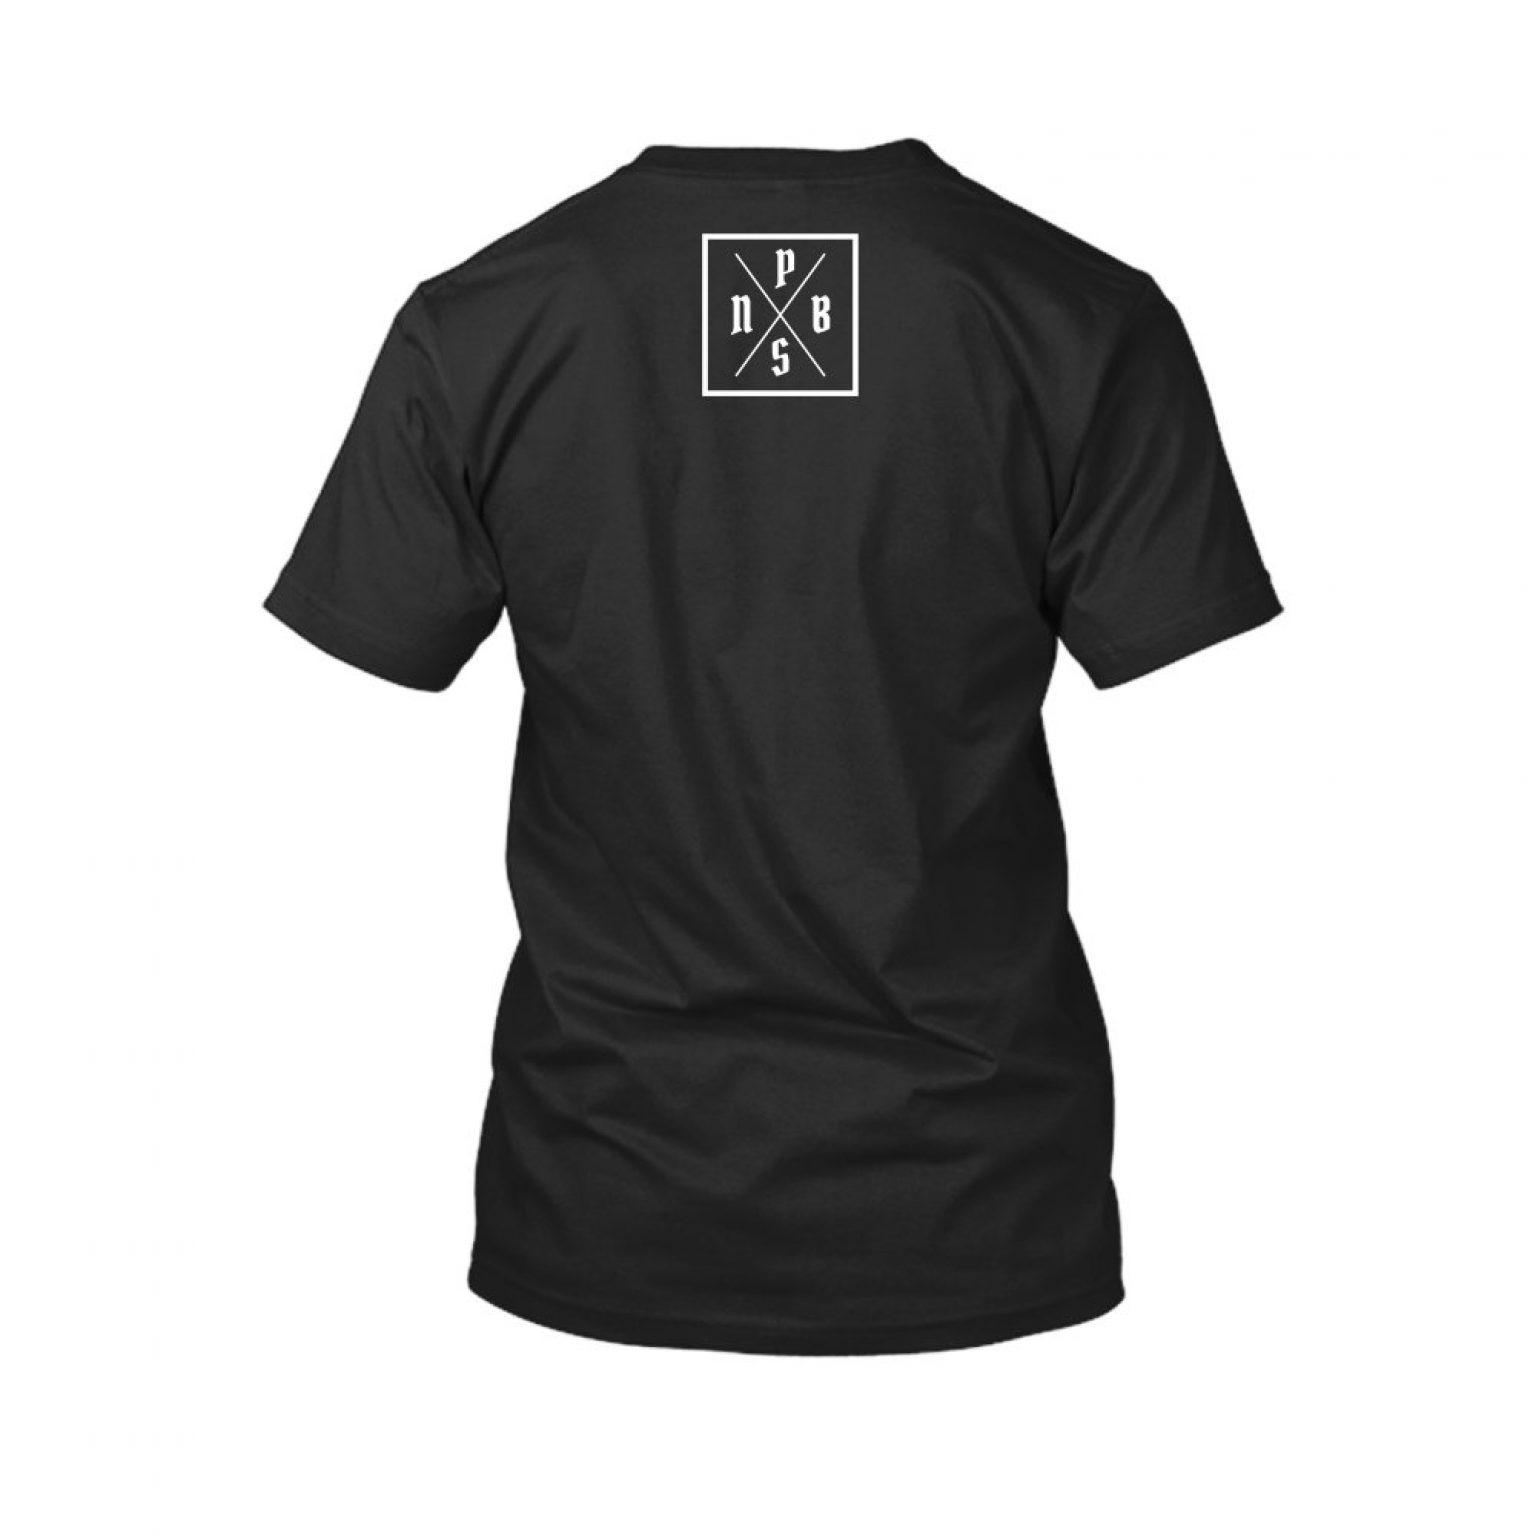 PBS shirt black back